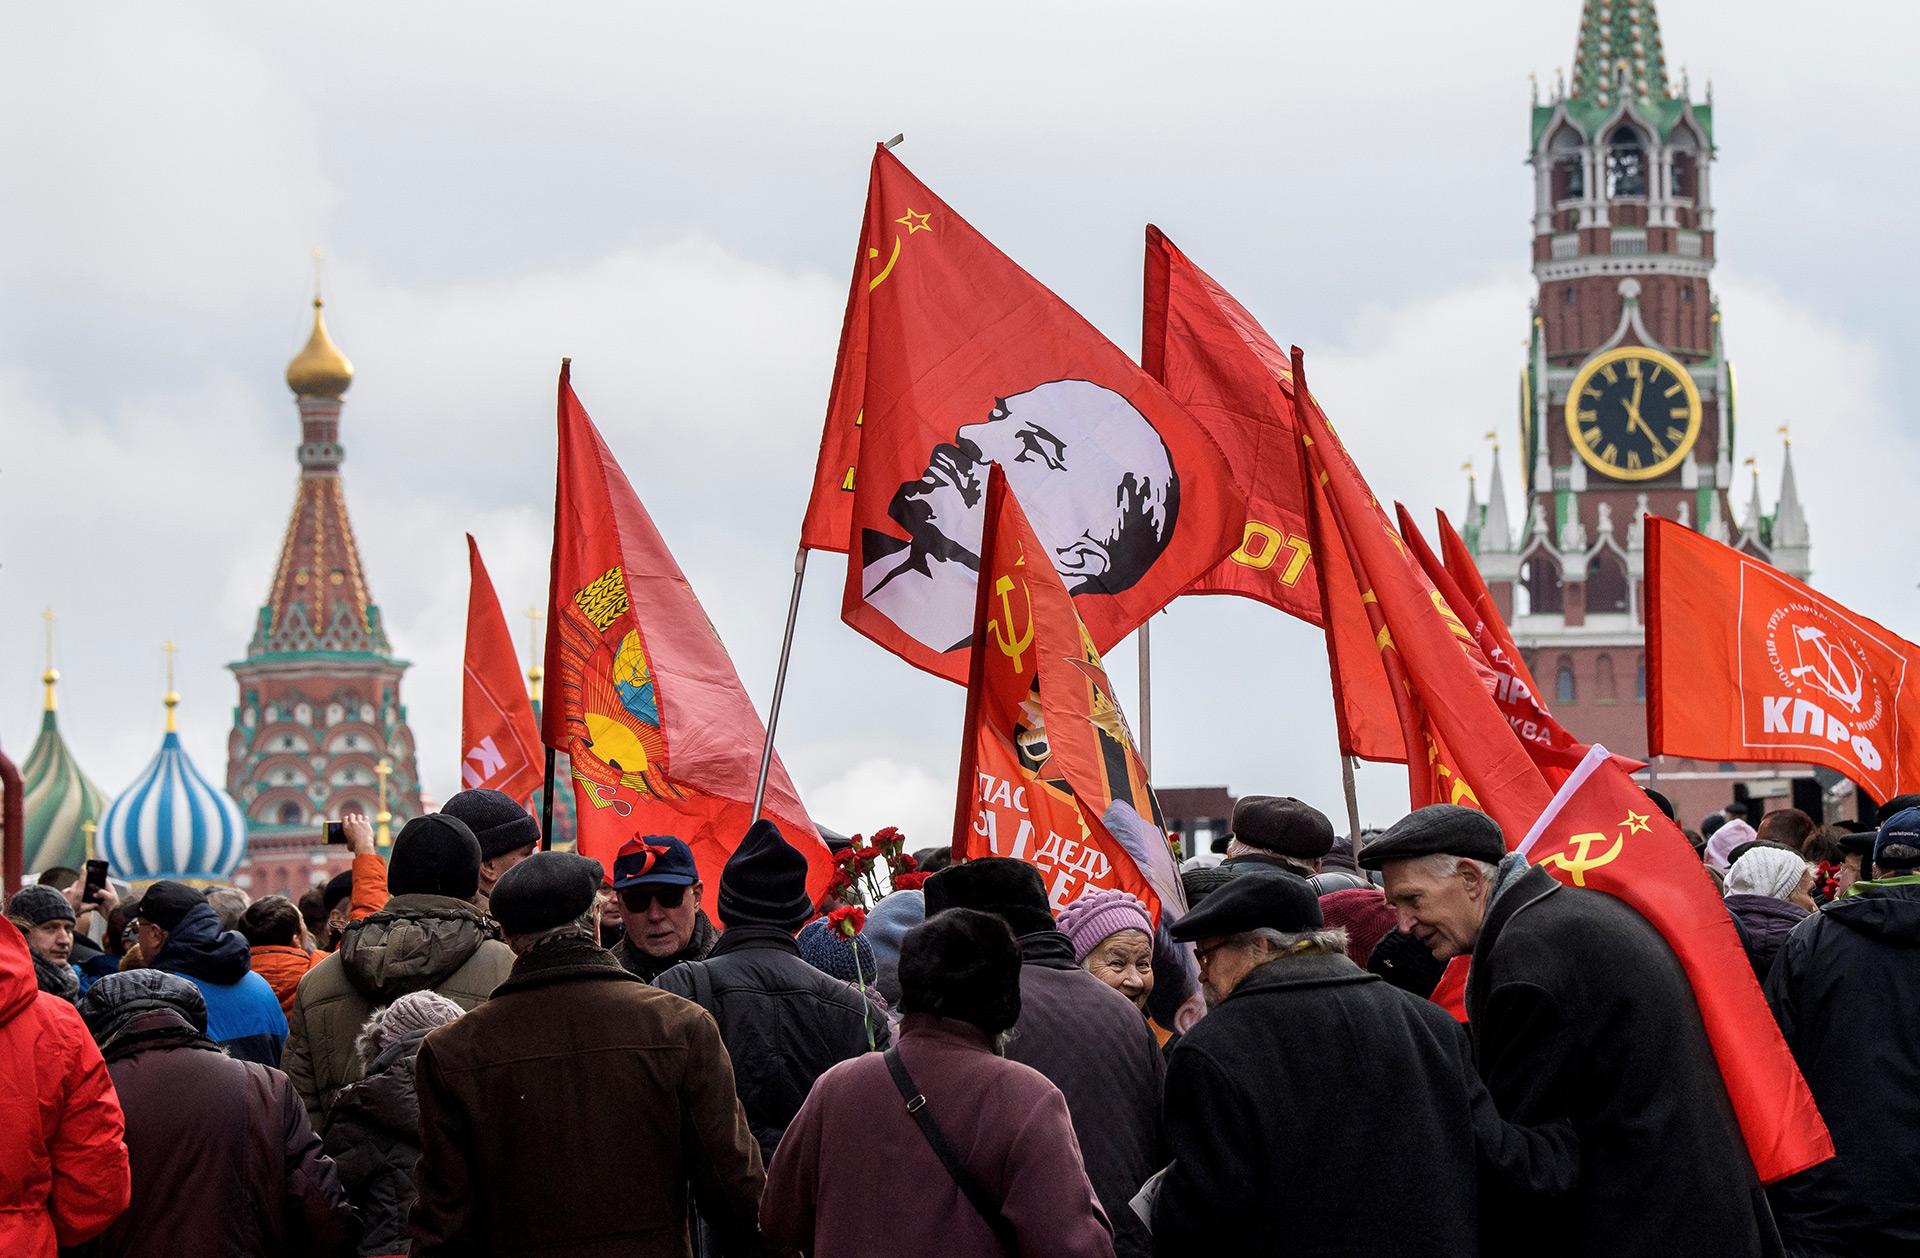 La imagen de Lenin, líder fundador de la Rusia soviética, en las banderas (AFP)